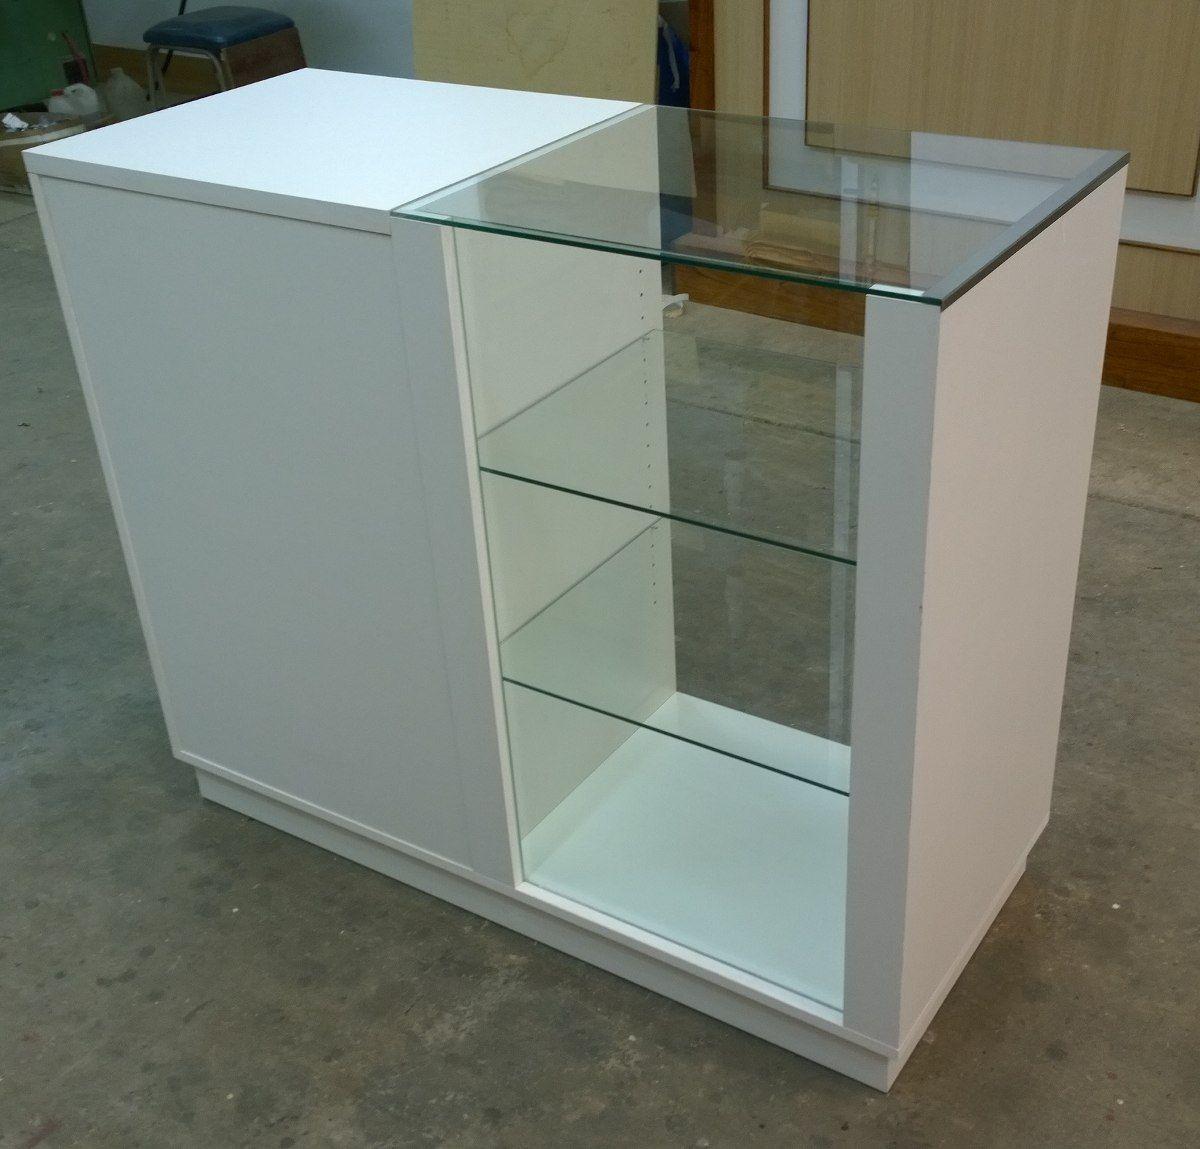 Mostrador con vitrina env o gratis - Mostradores de cocina ...